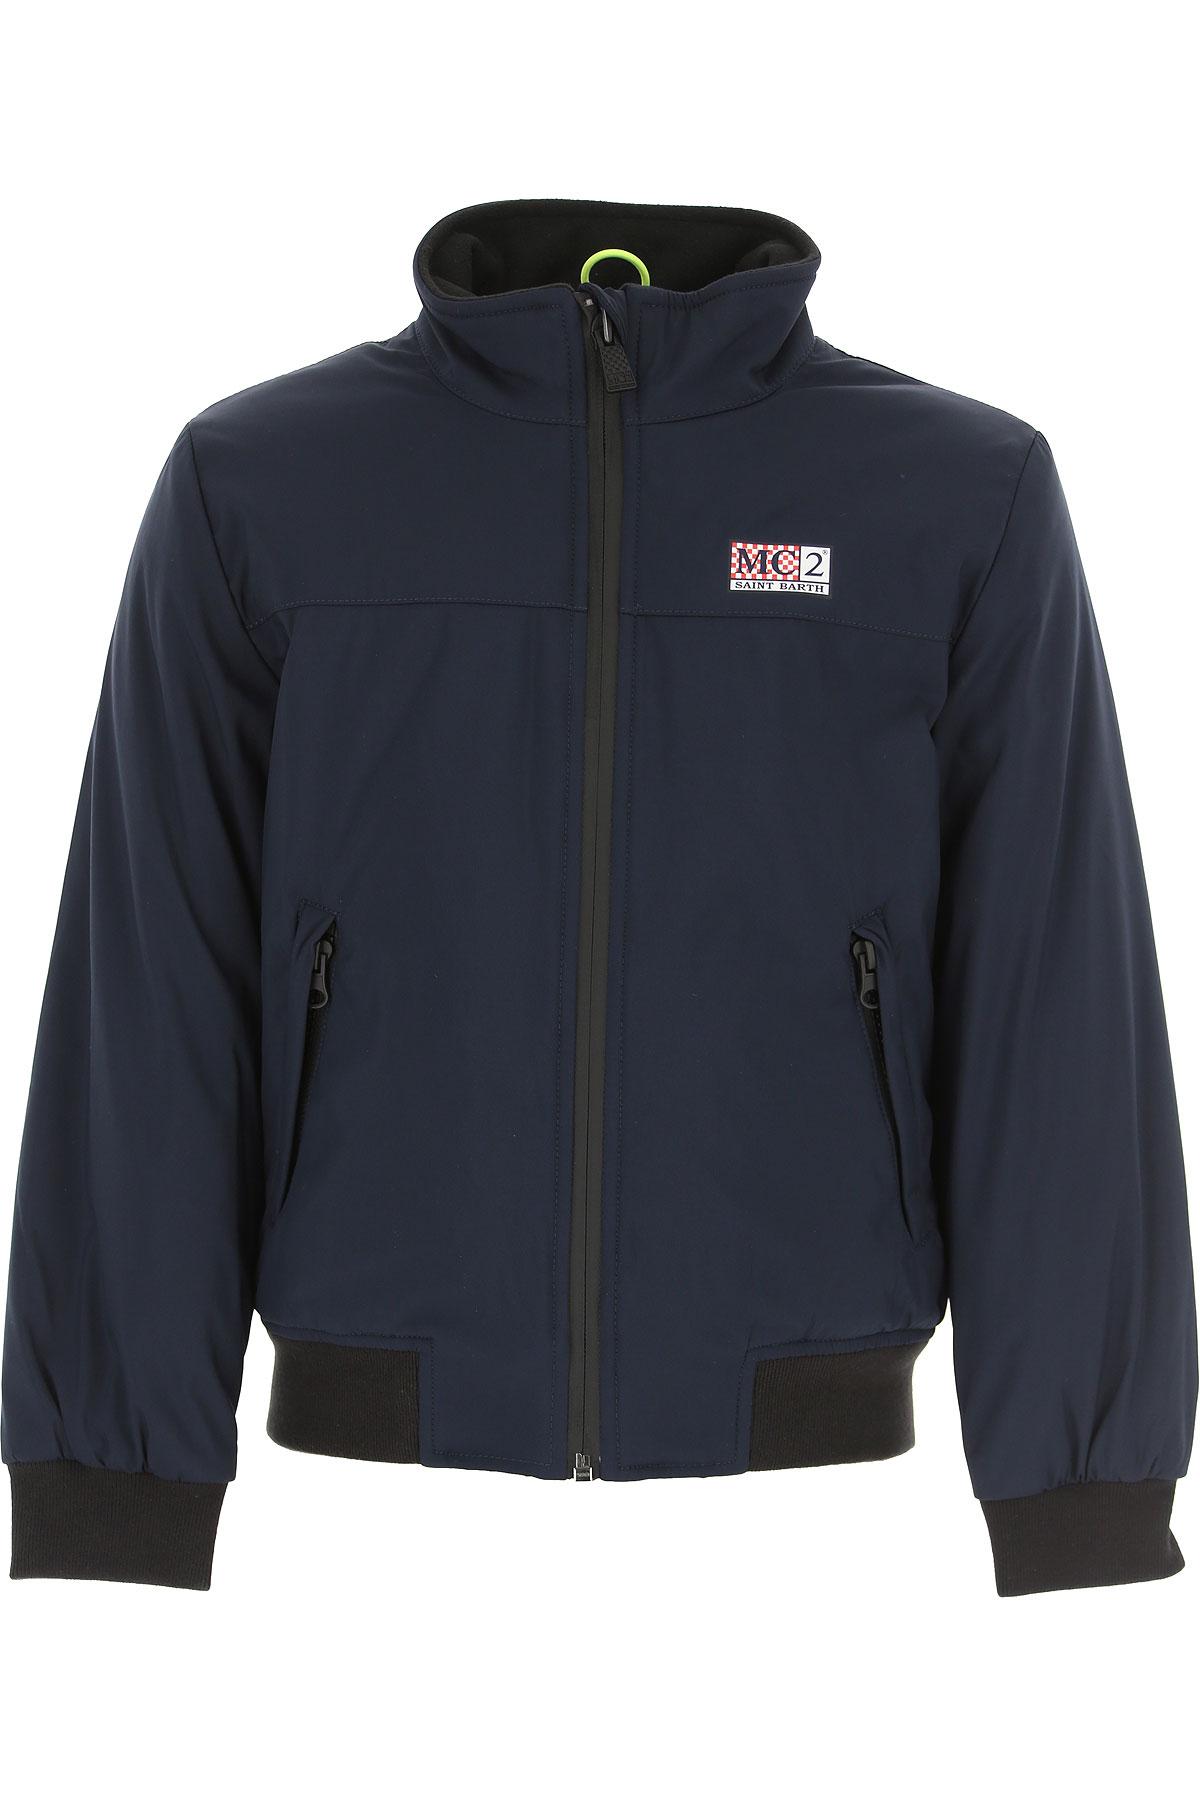 Mc2 Saint Barth Kids Jacket for Boys On Sale, Blue Navy, polyester, 2019, 12Y 4Y 6Y 8Y